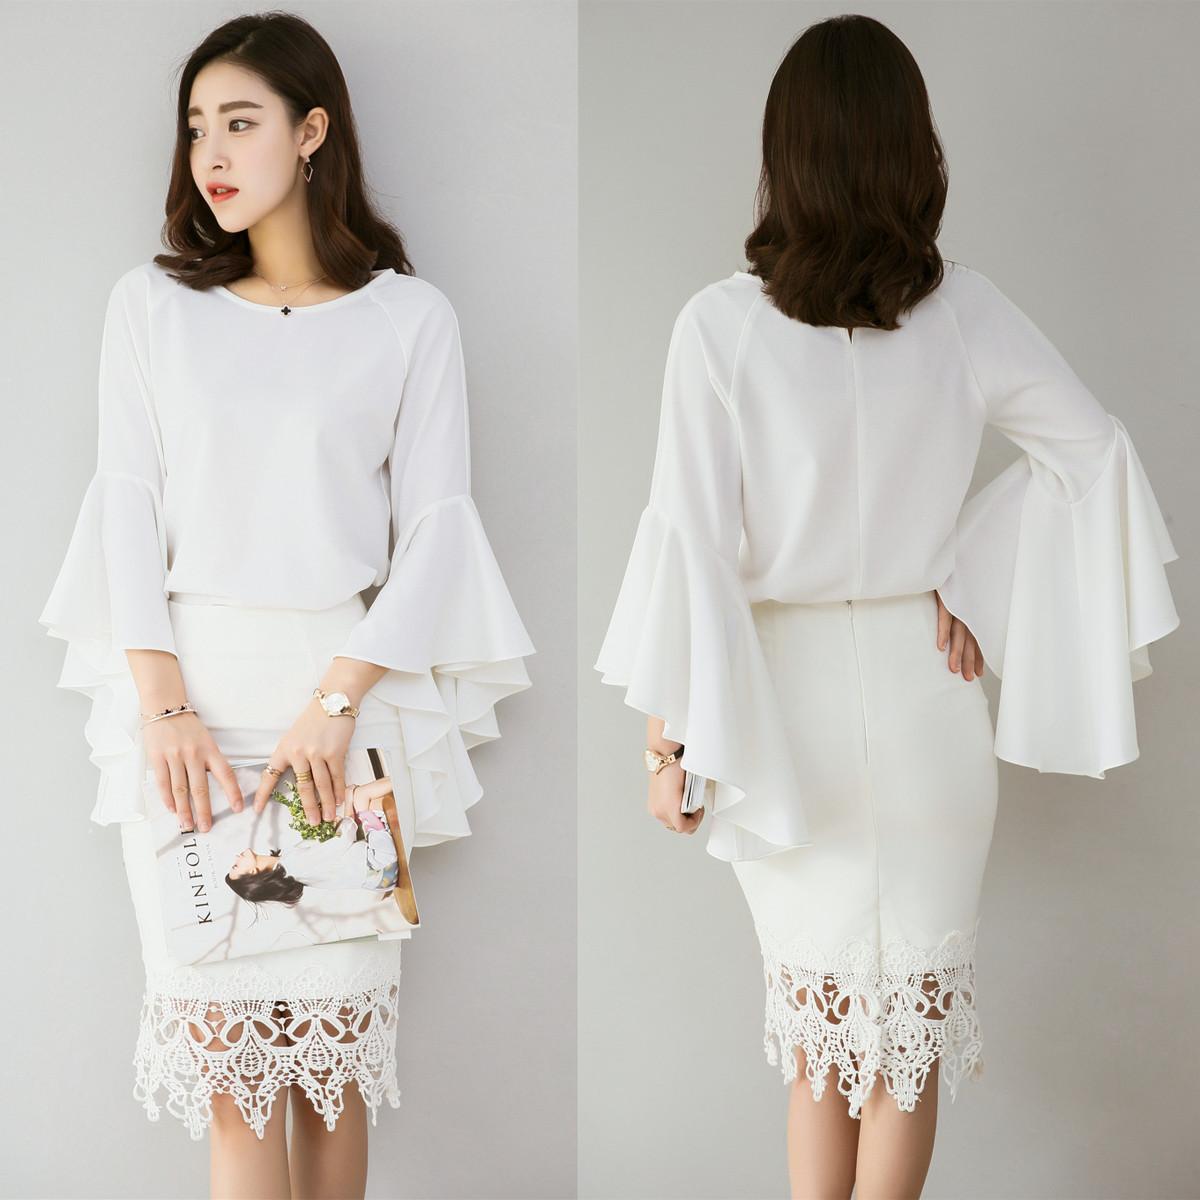 白色雪纺衬衫 2020夏款白色显瘦衬衣韩范时尚OL通勒喇叭袖衬衫女荷叶袖雪纺衫女_推荐淘宝好看的女白色雪纺衬衫